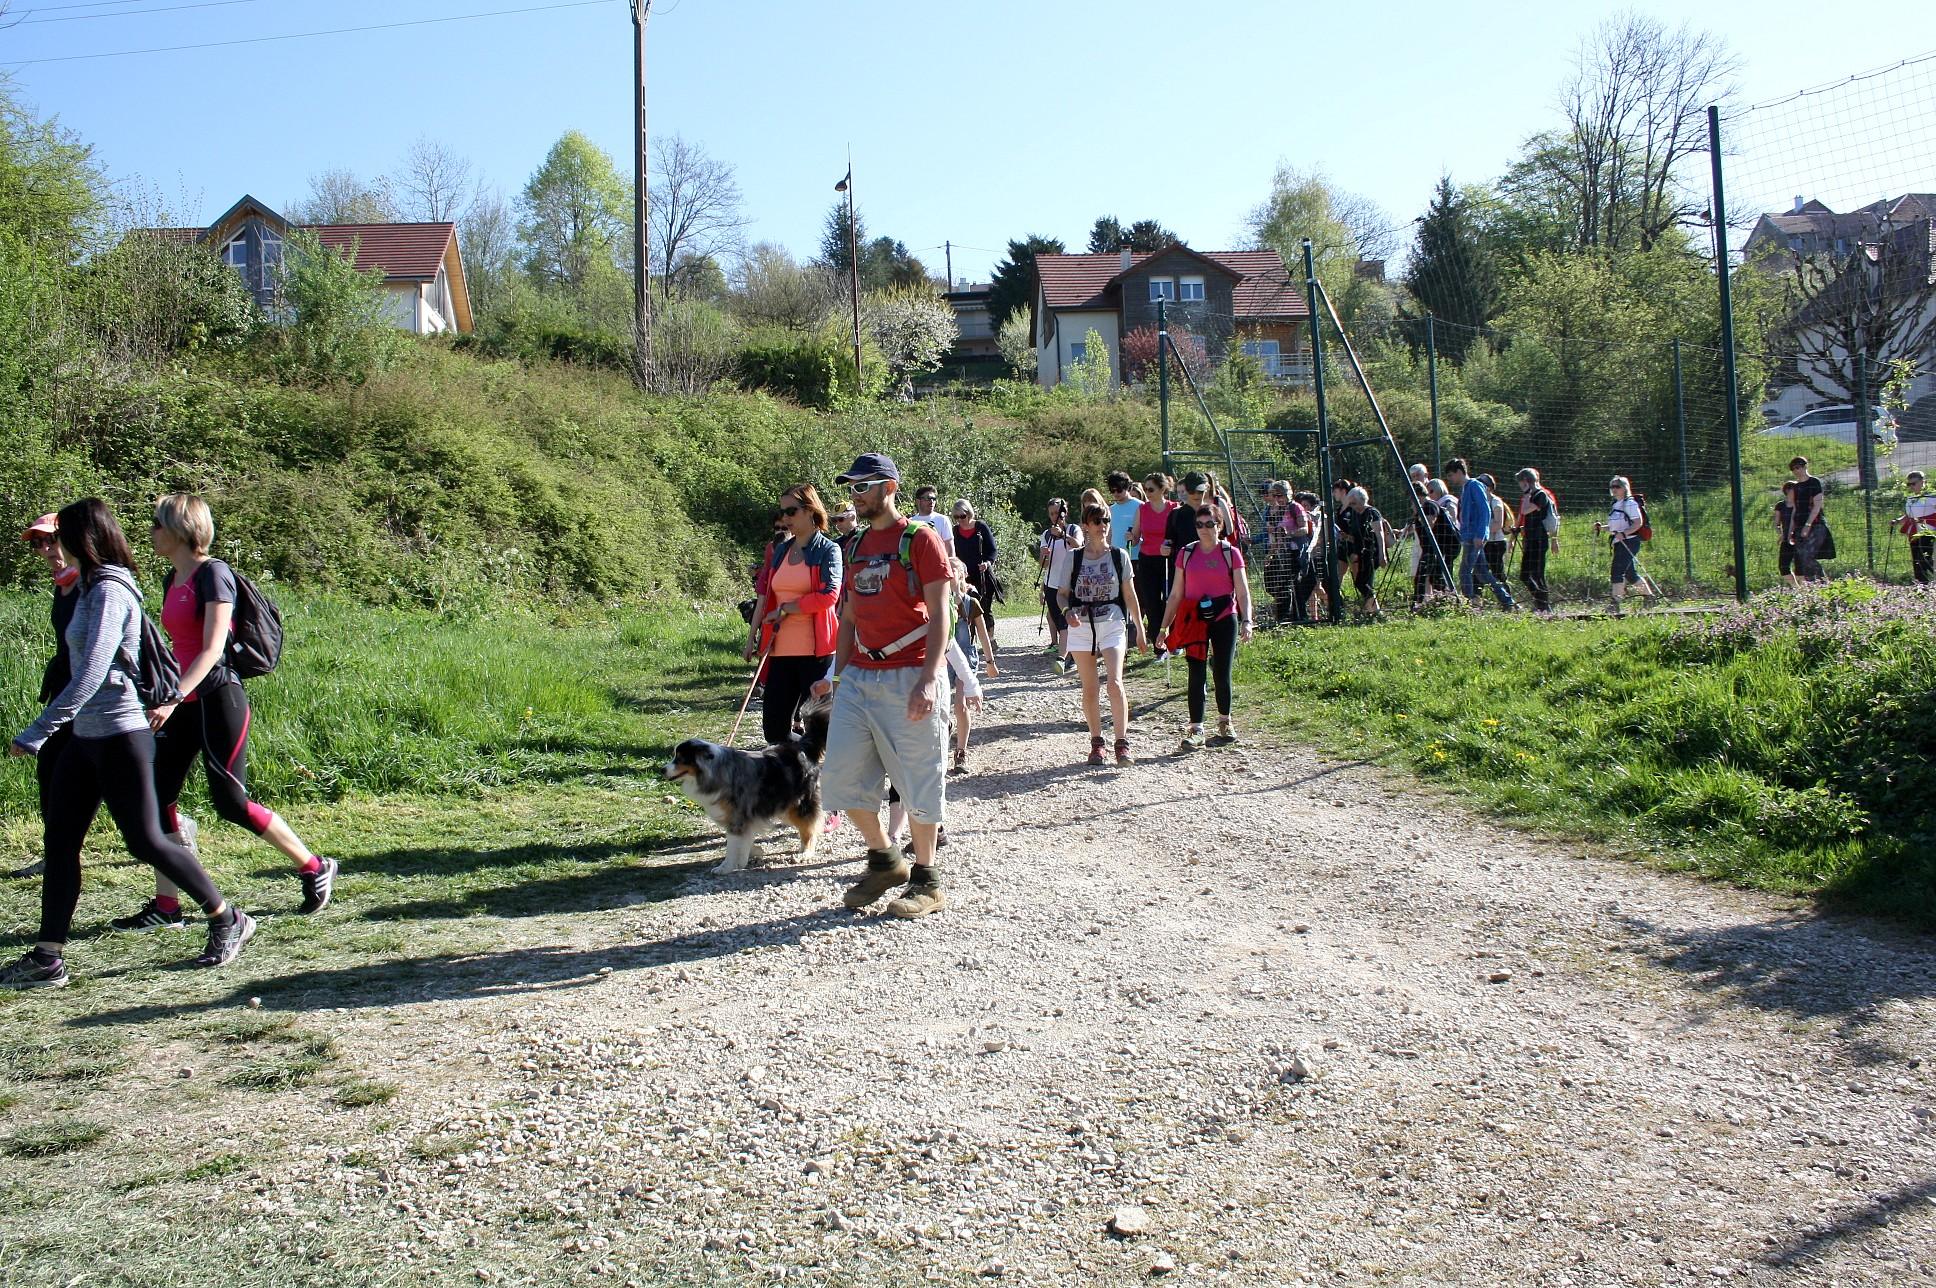 2017-04-09 - Trail-Montfaucon-Juliette (103)